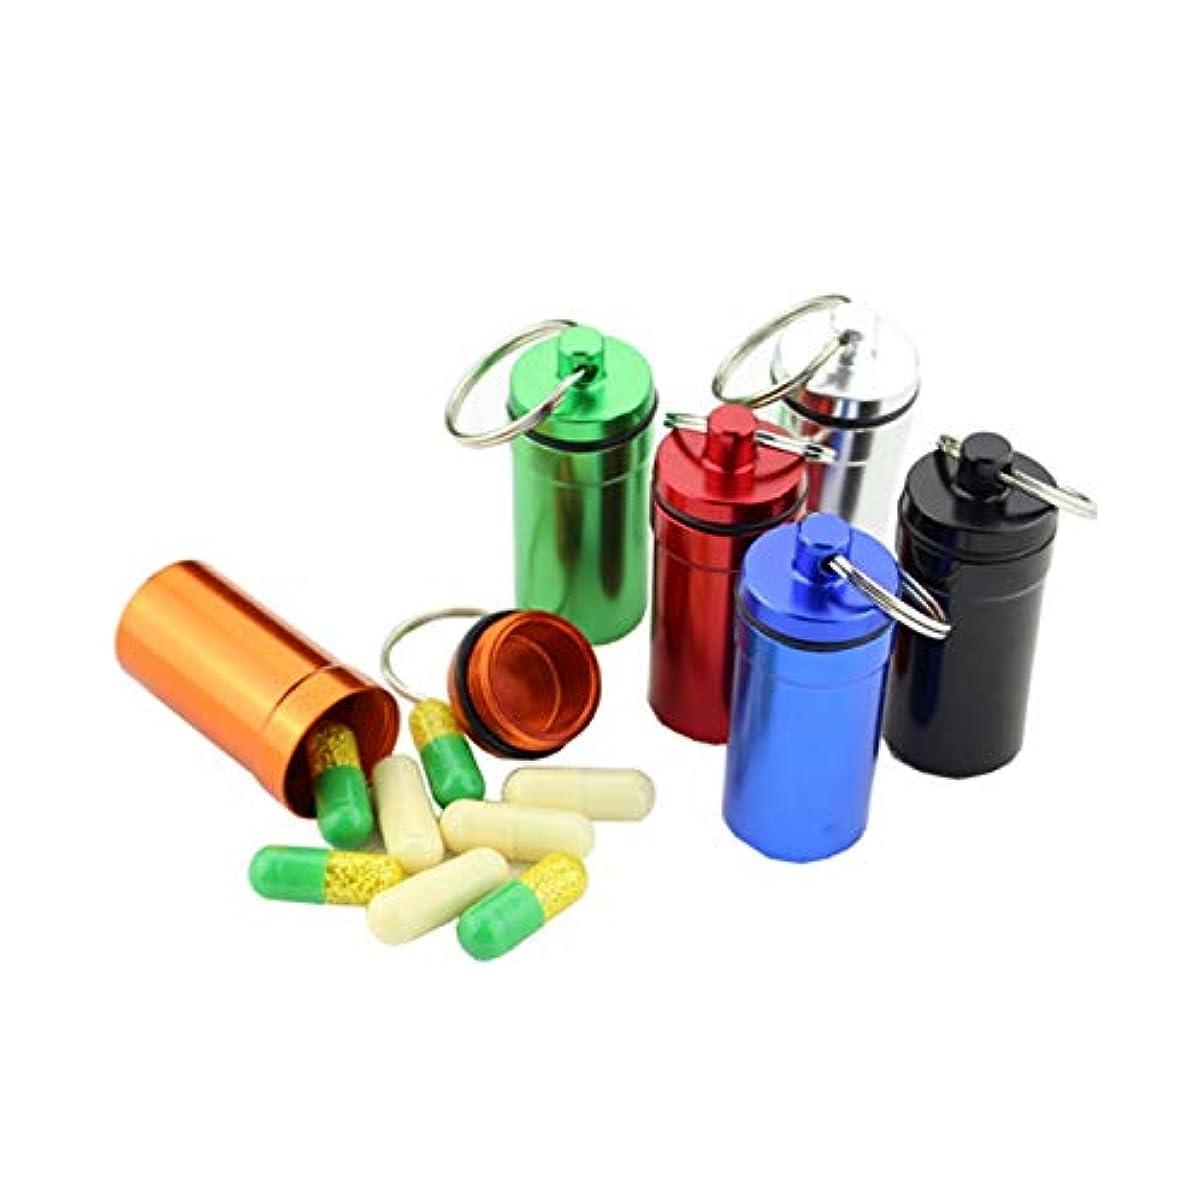 アプトポーンクッションJVSISM 6色 小型容器のキーホルダー 防水 アルミニウム 薬箱ホールダー